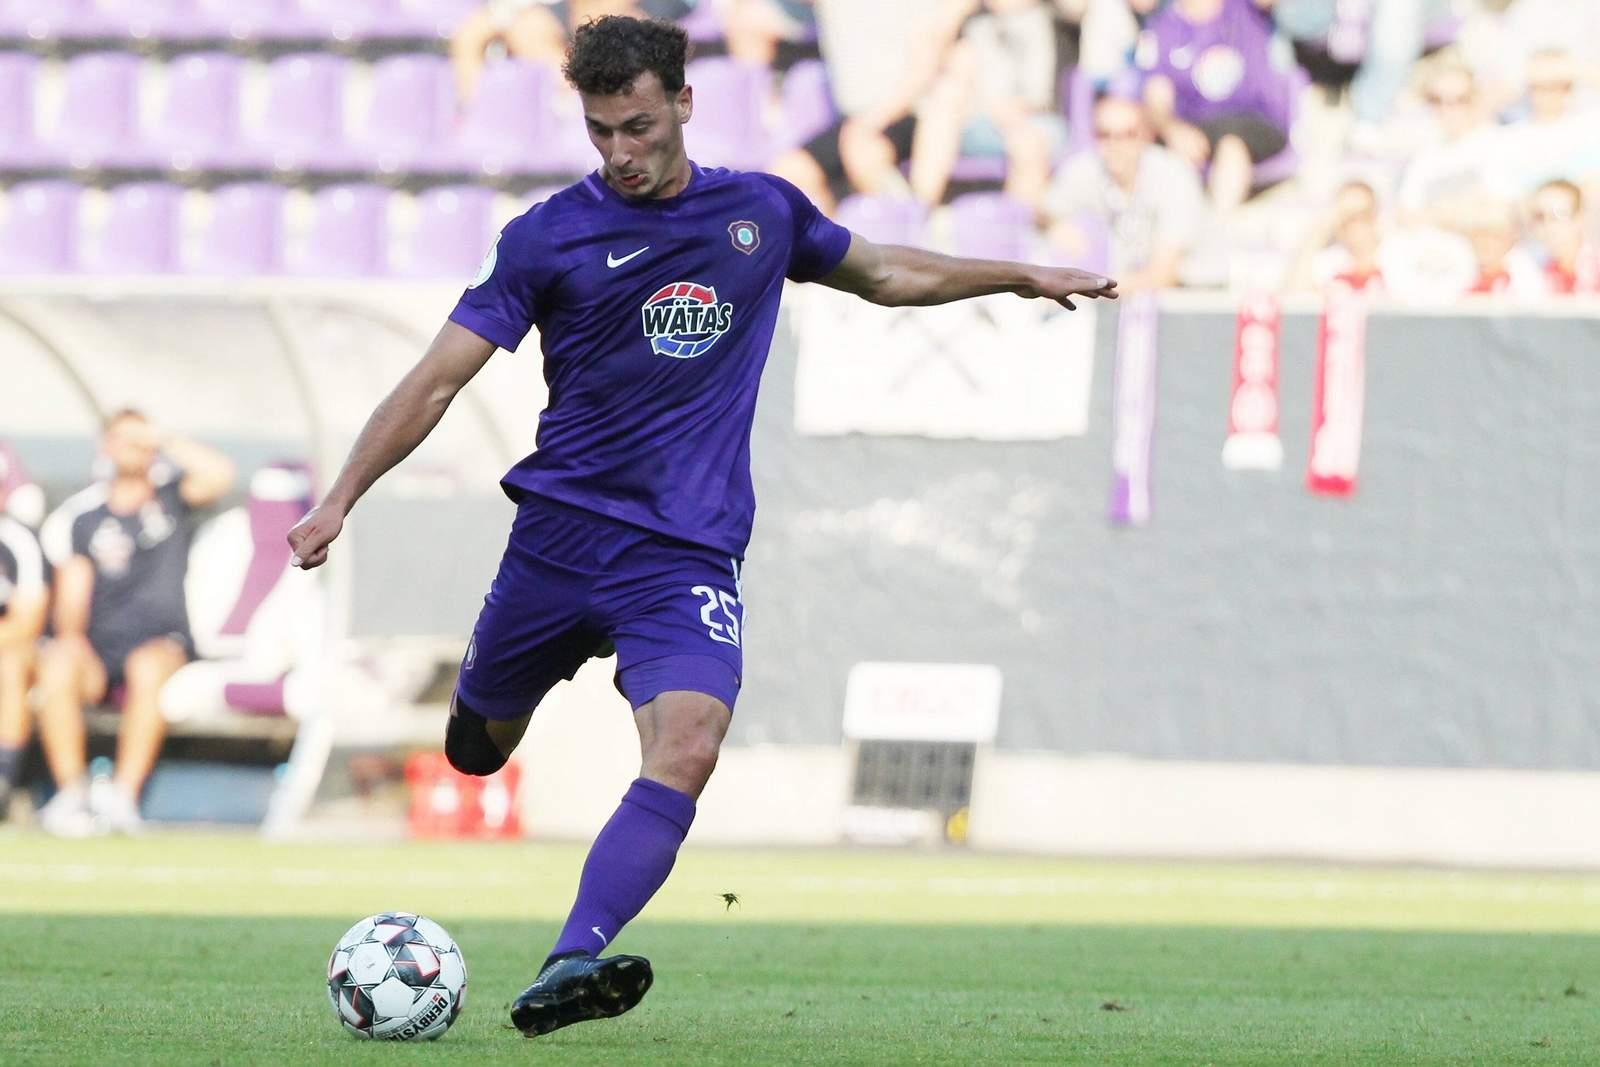 Siegt Dominik Wydra bei Ex-Klub SCP? Jetzt auf Aue gegen Paderborn tippen